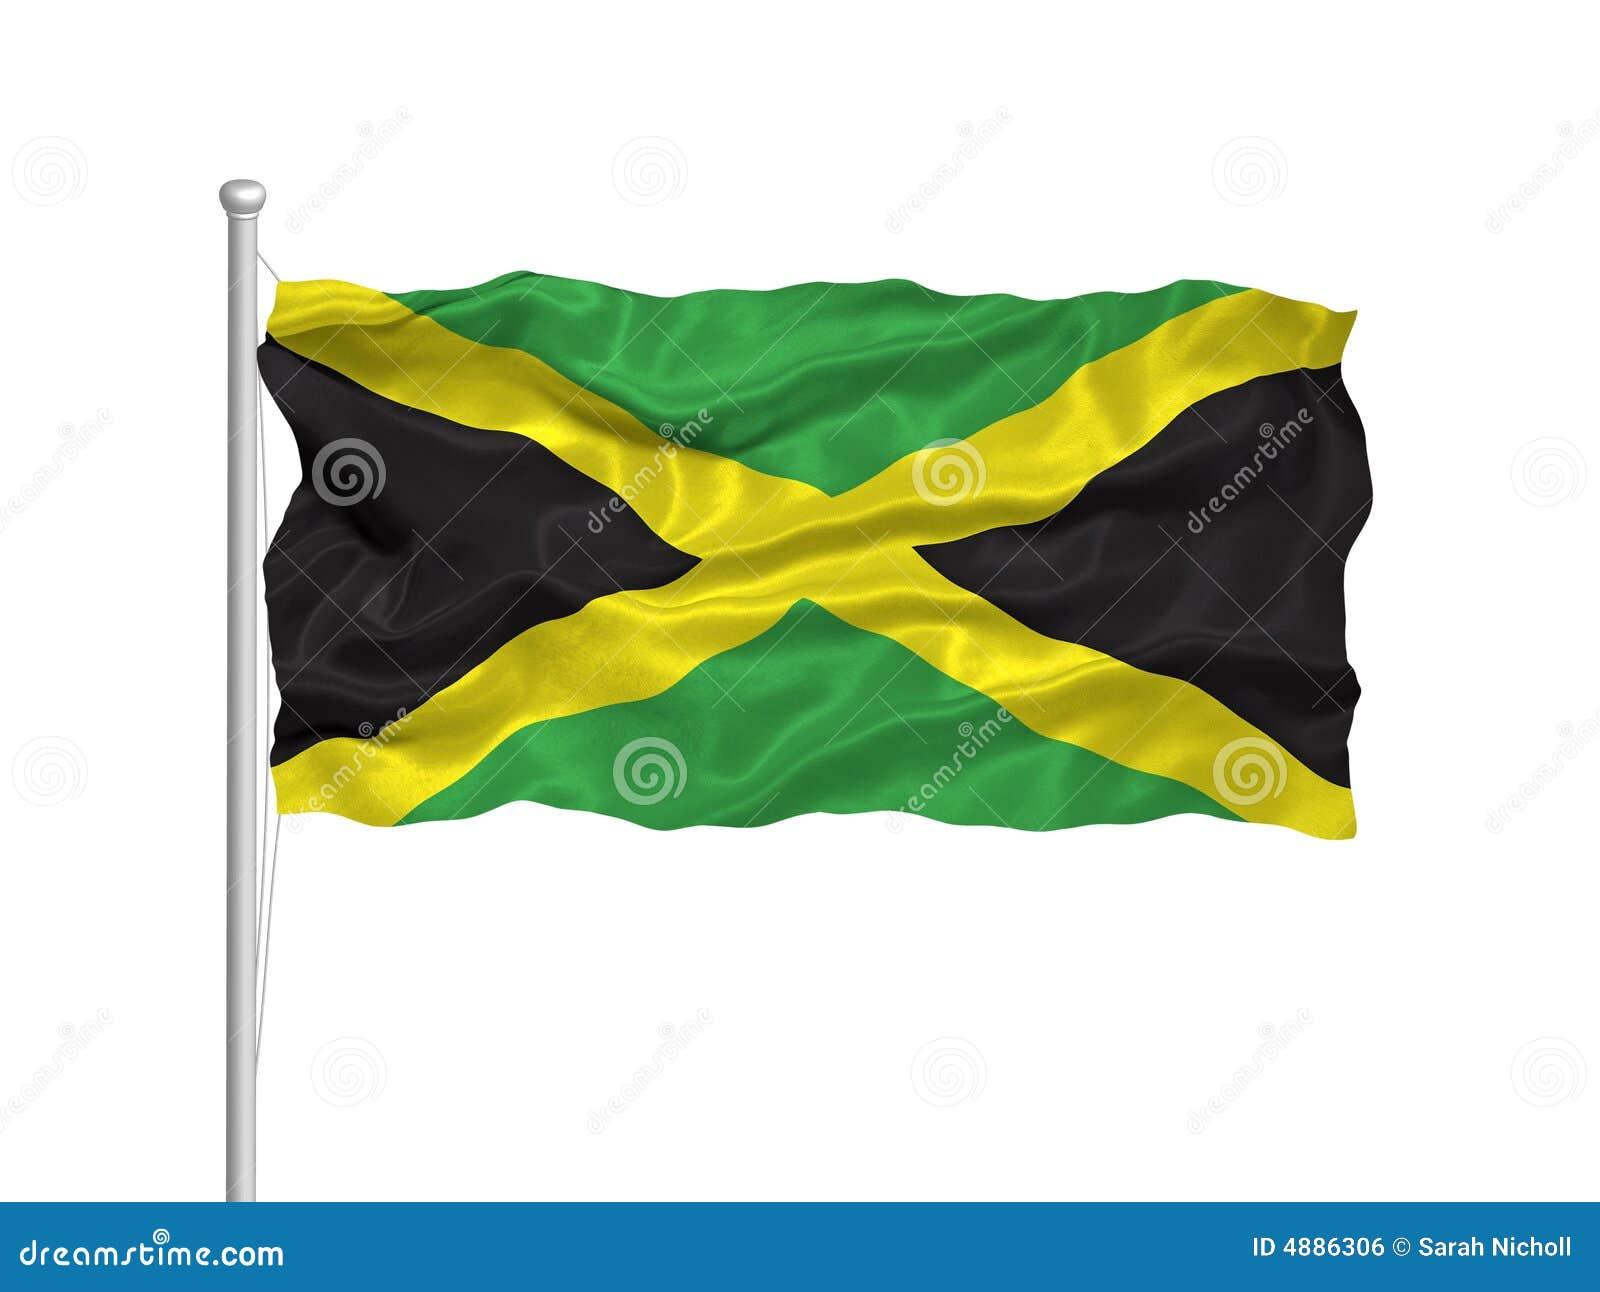 jamaican flag pole - photo #20